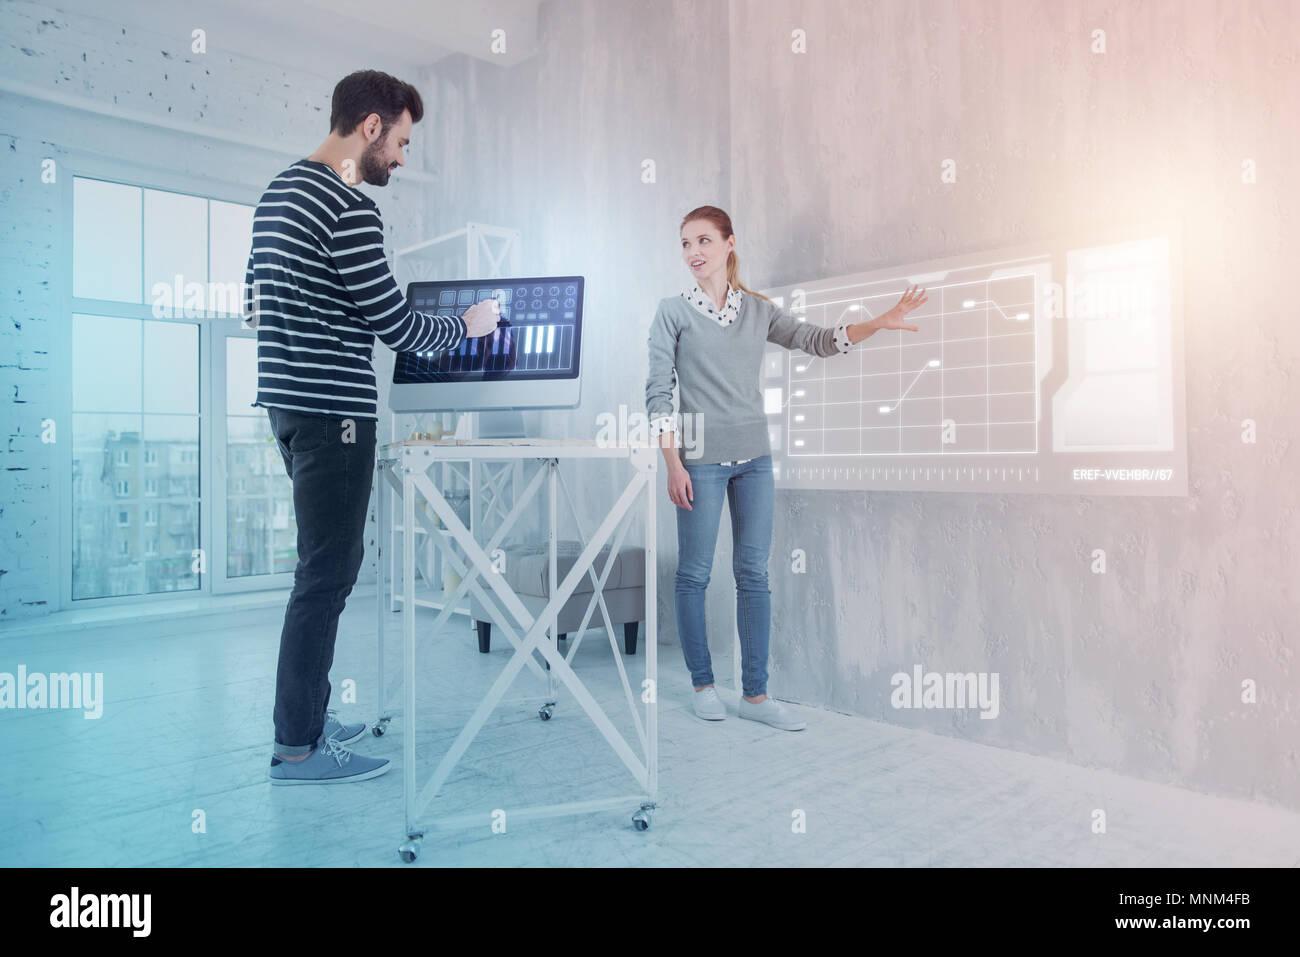 Les développeurs de logiciels à intéressé tout en travaillant ensemble Photo Stock